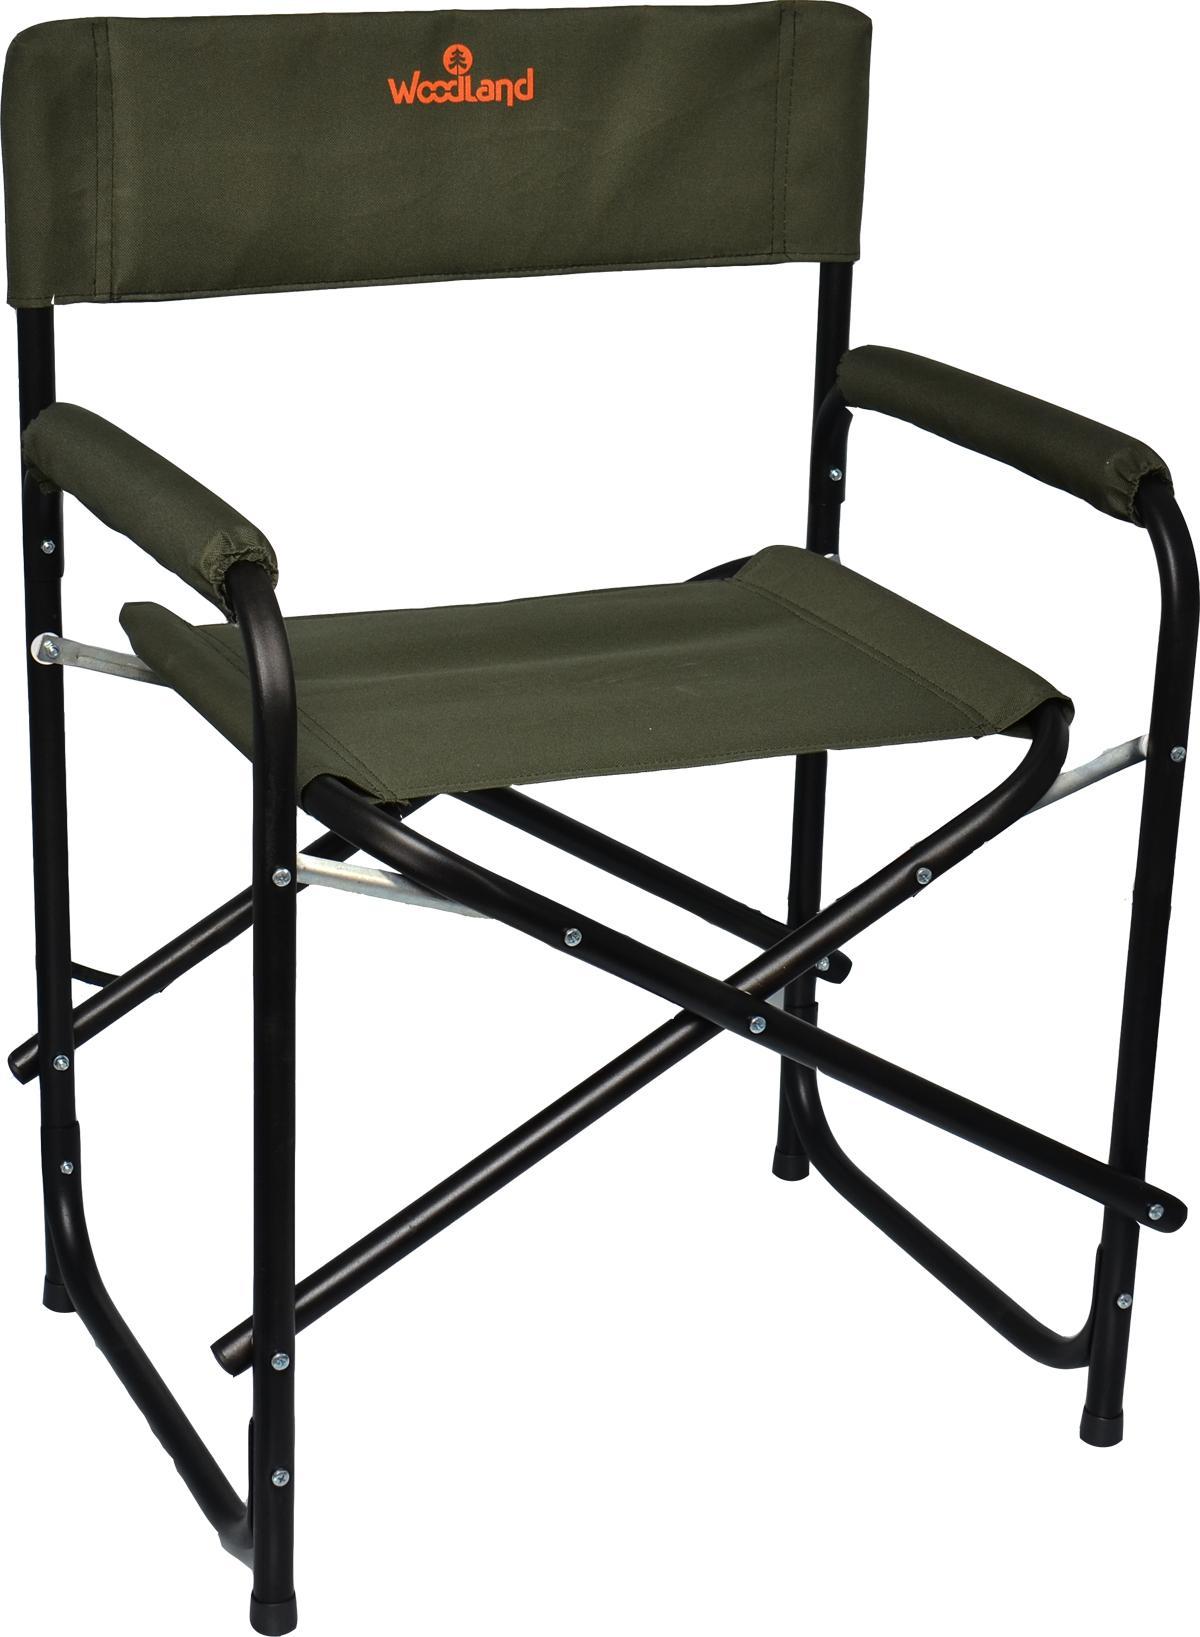 Кресло Woodland OutdoorNEW, складное, кемпинговое, 56 x 46 x 80 см (сталь) SK-01